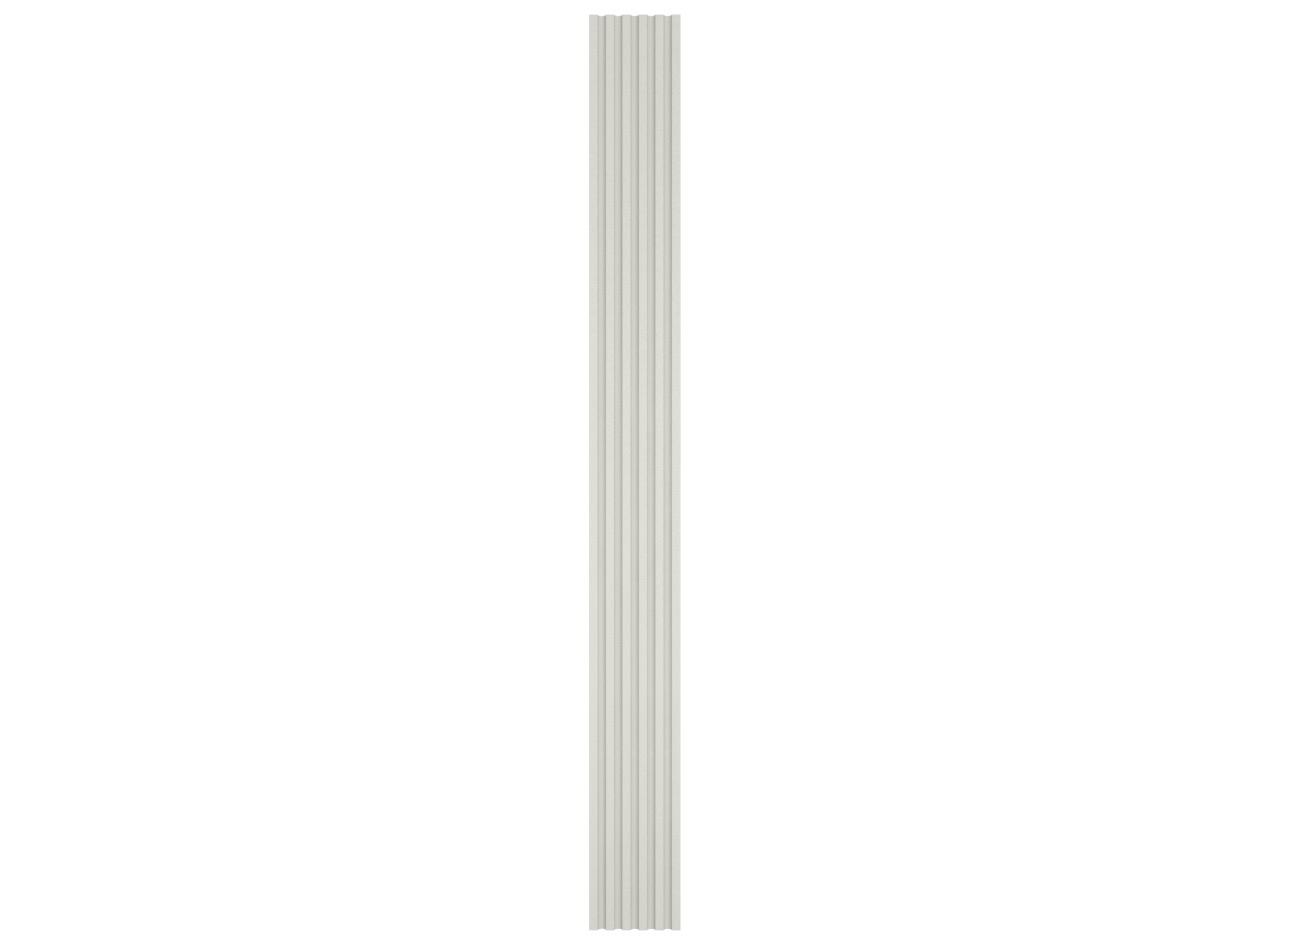 Les 200 - Lesene in polistirene spalmato con graniglie - Decorget - Ital Decori - Image 0